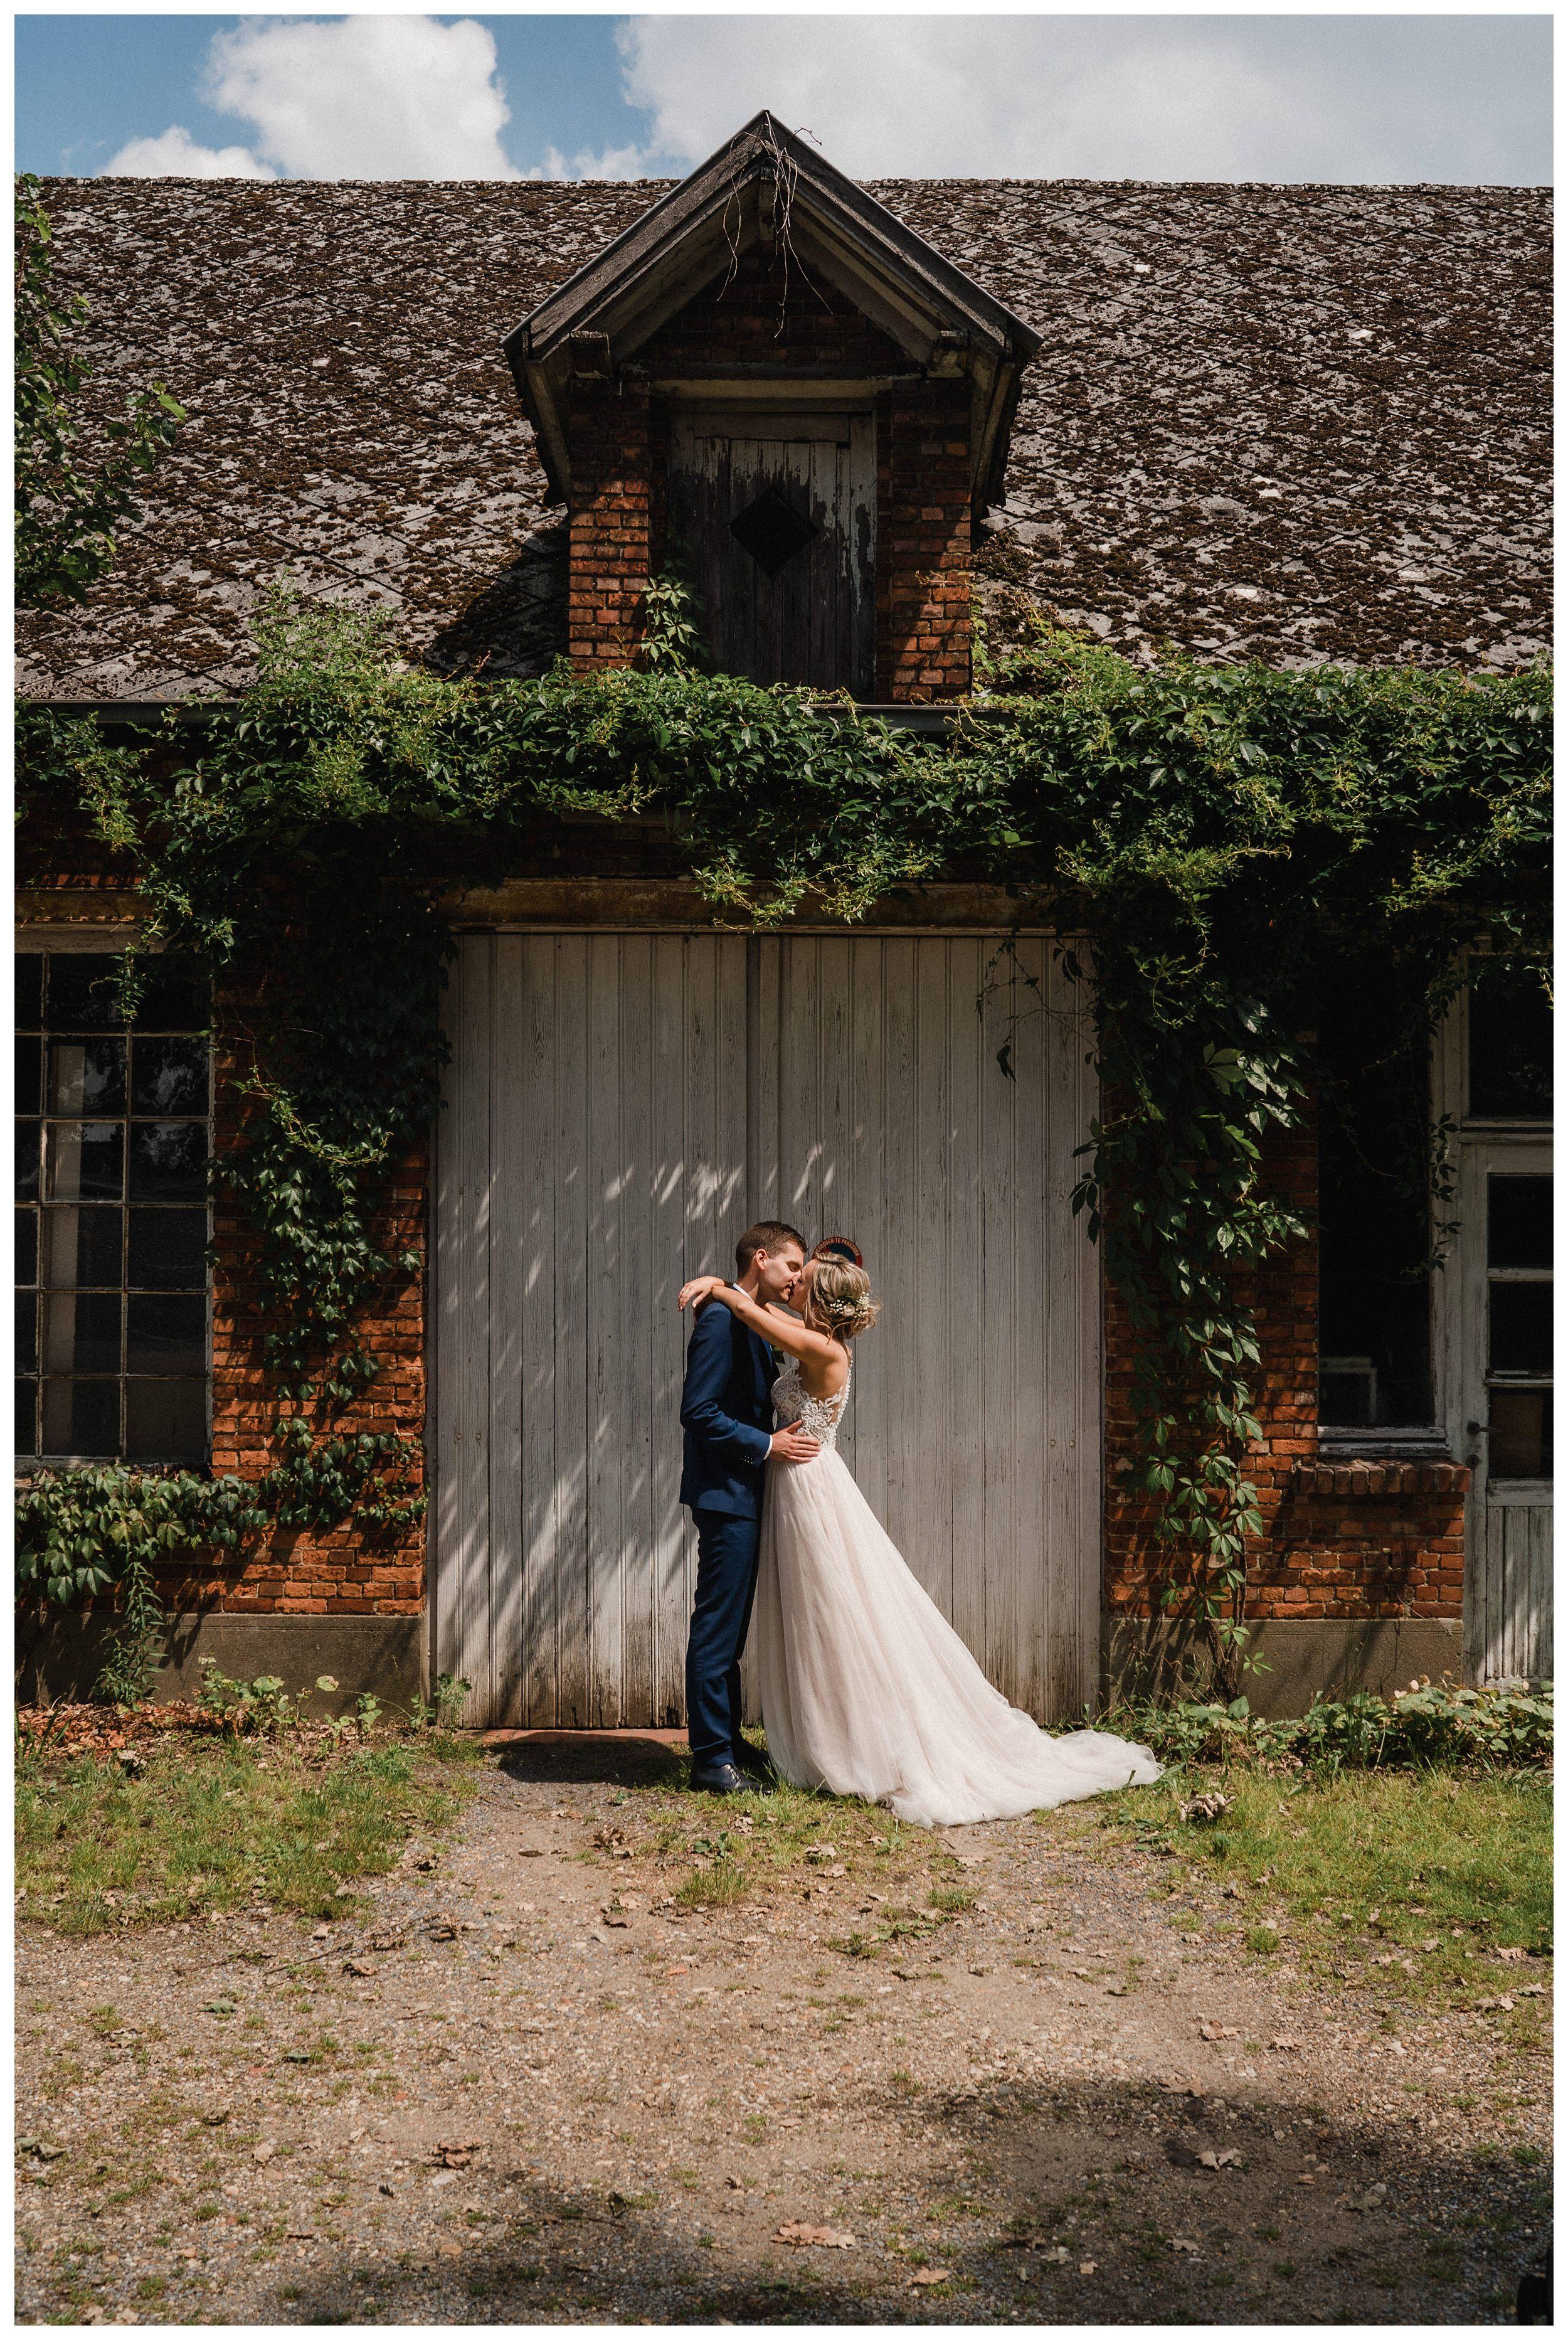 huwelijksfotograaf bruidsfotograaf destinationwedding huwelijksfotografie in mol oostham (37).jpg